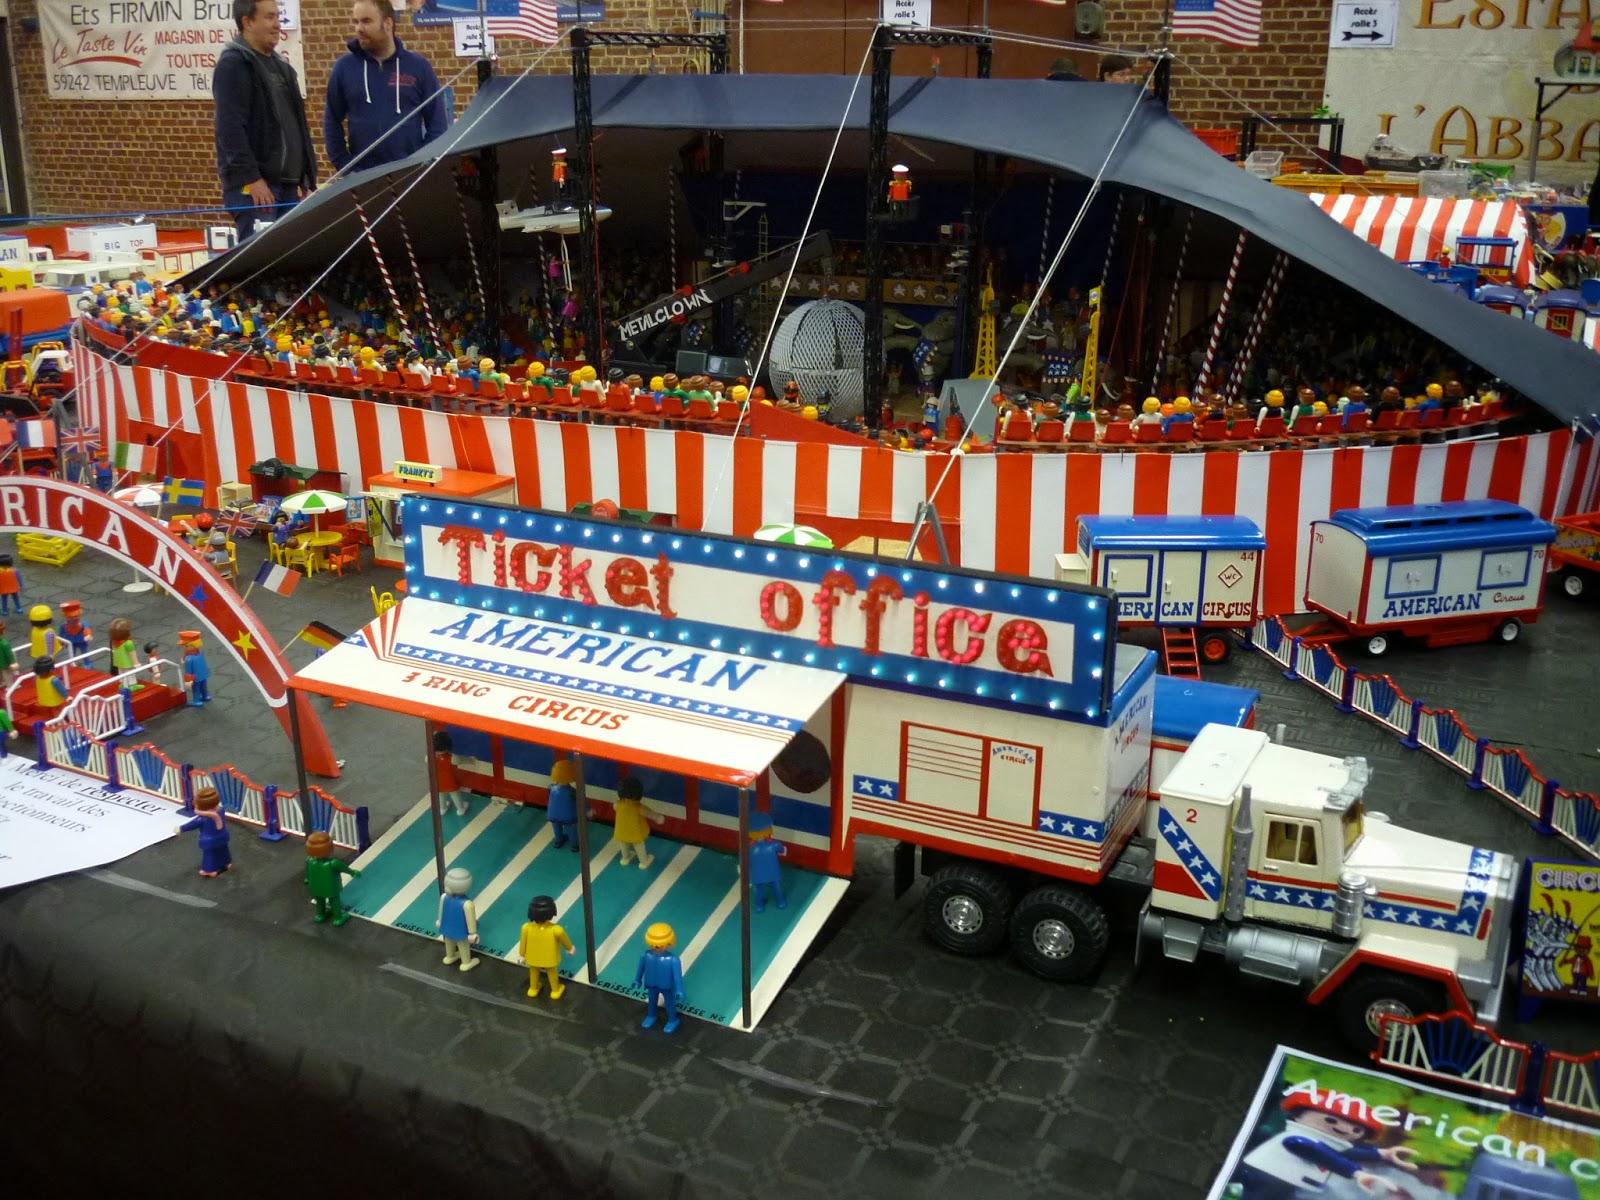 Wonderlijk Circusmodellbau: American Circus Playmobil ED-11